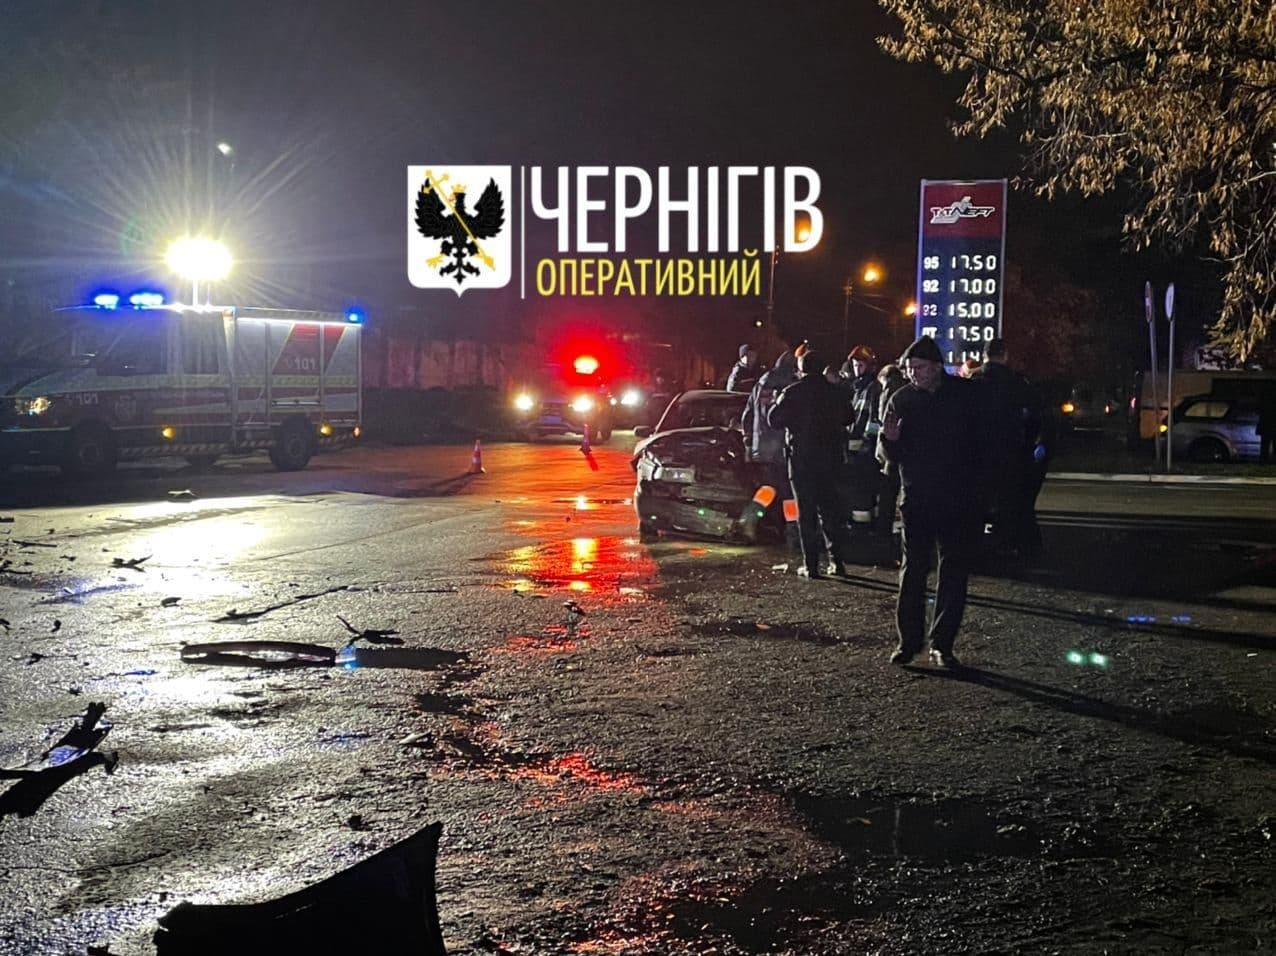 У Чернігові на Громадській сталася автотроща (Фото, відео)